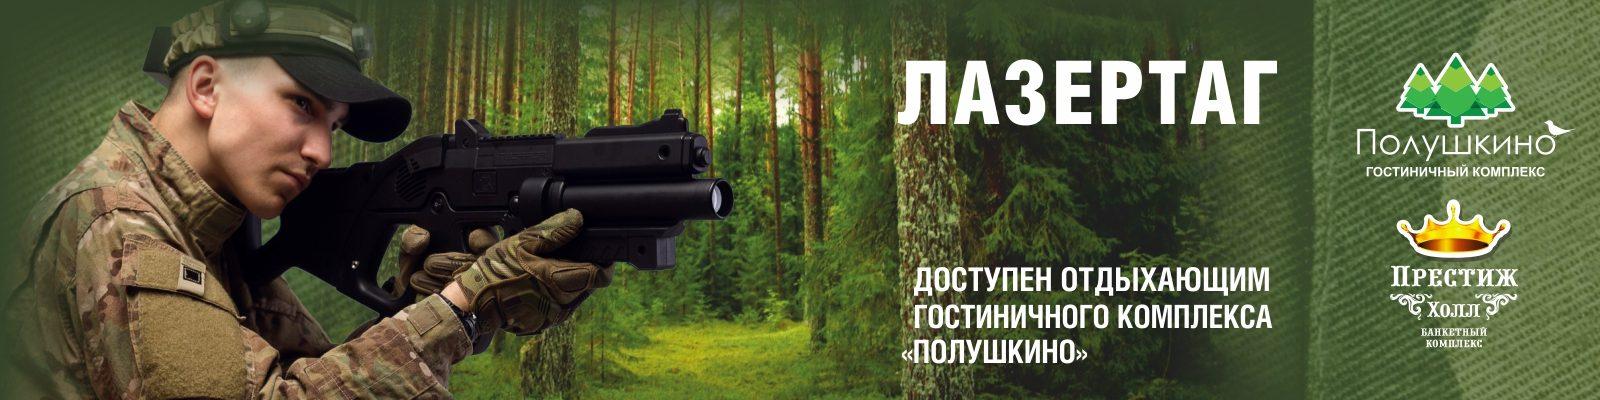 Лазертаг в «Полушкино»